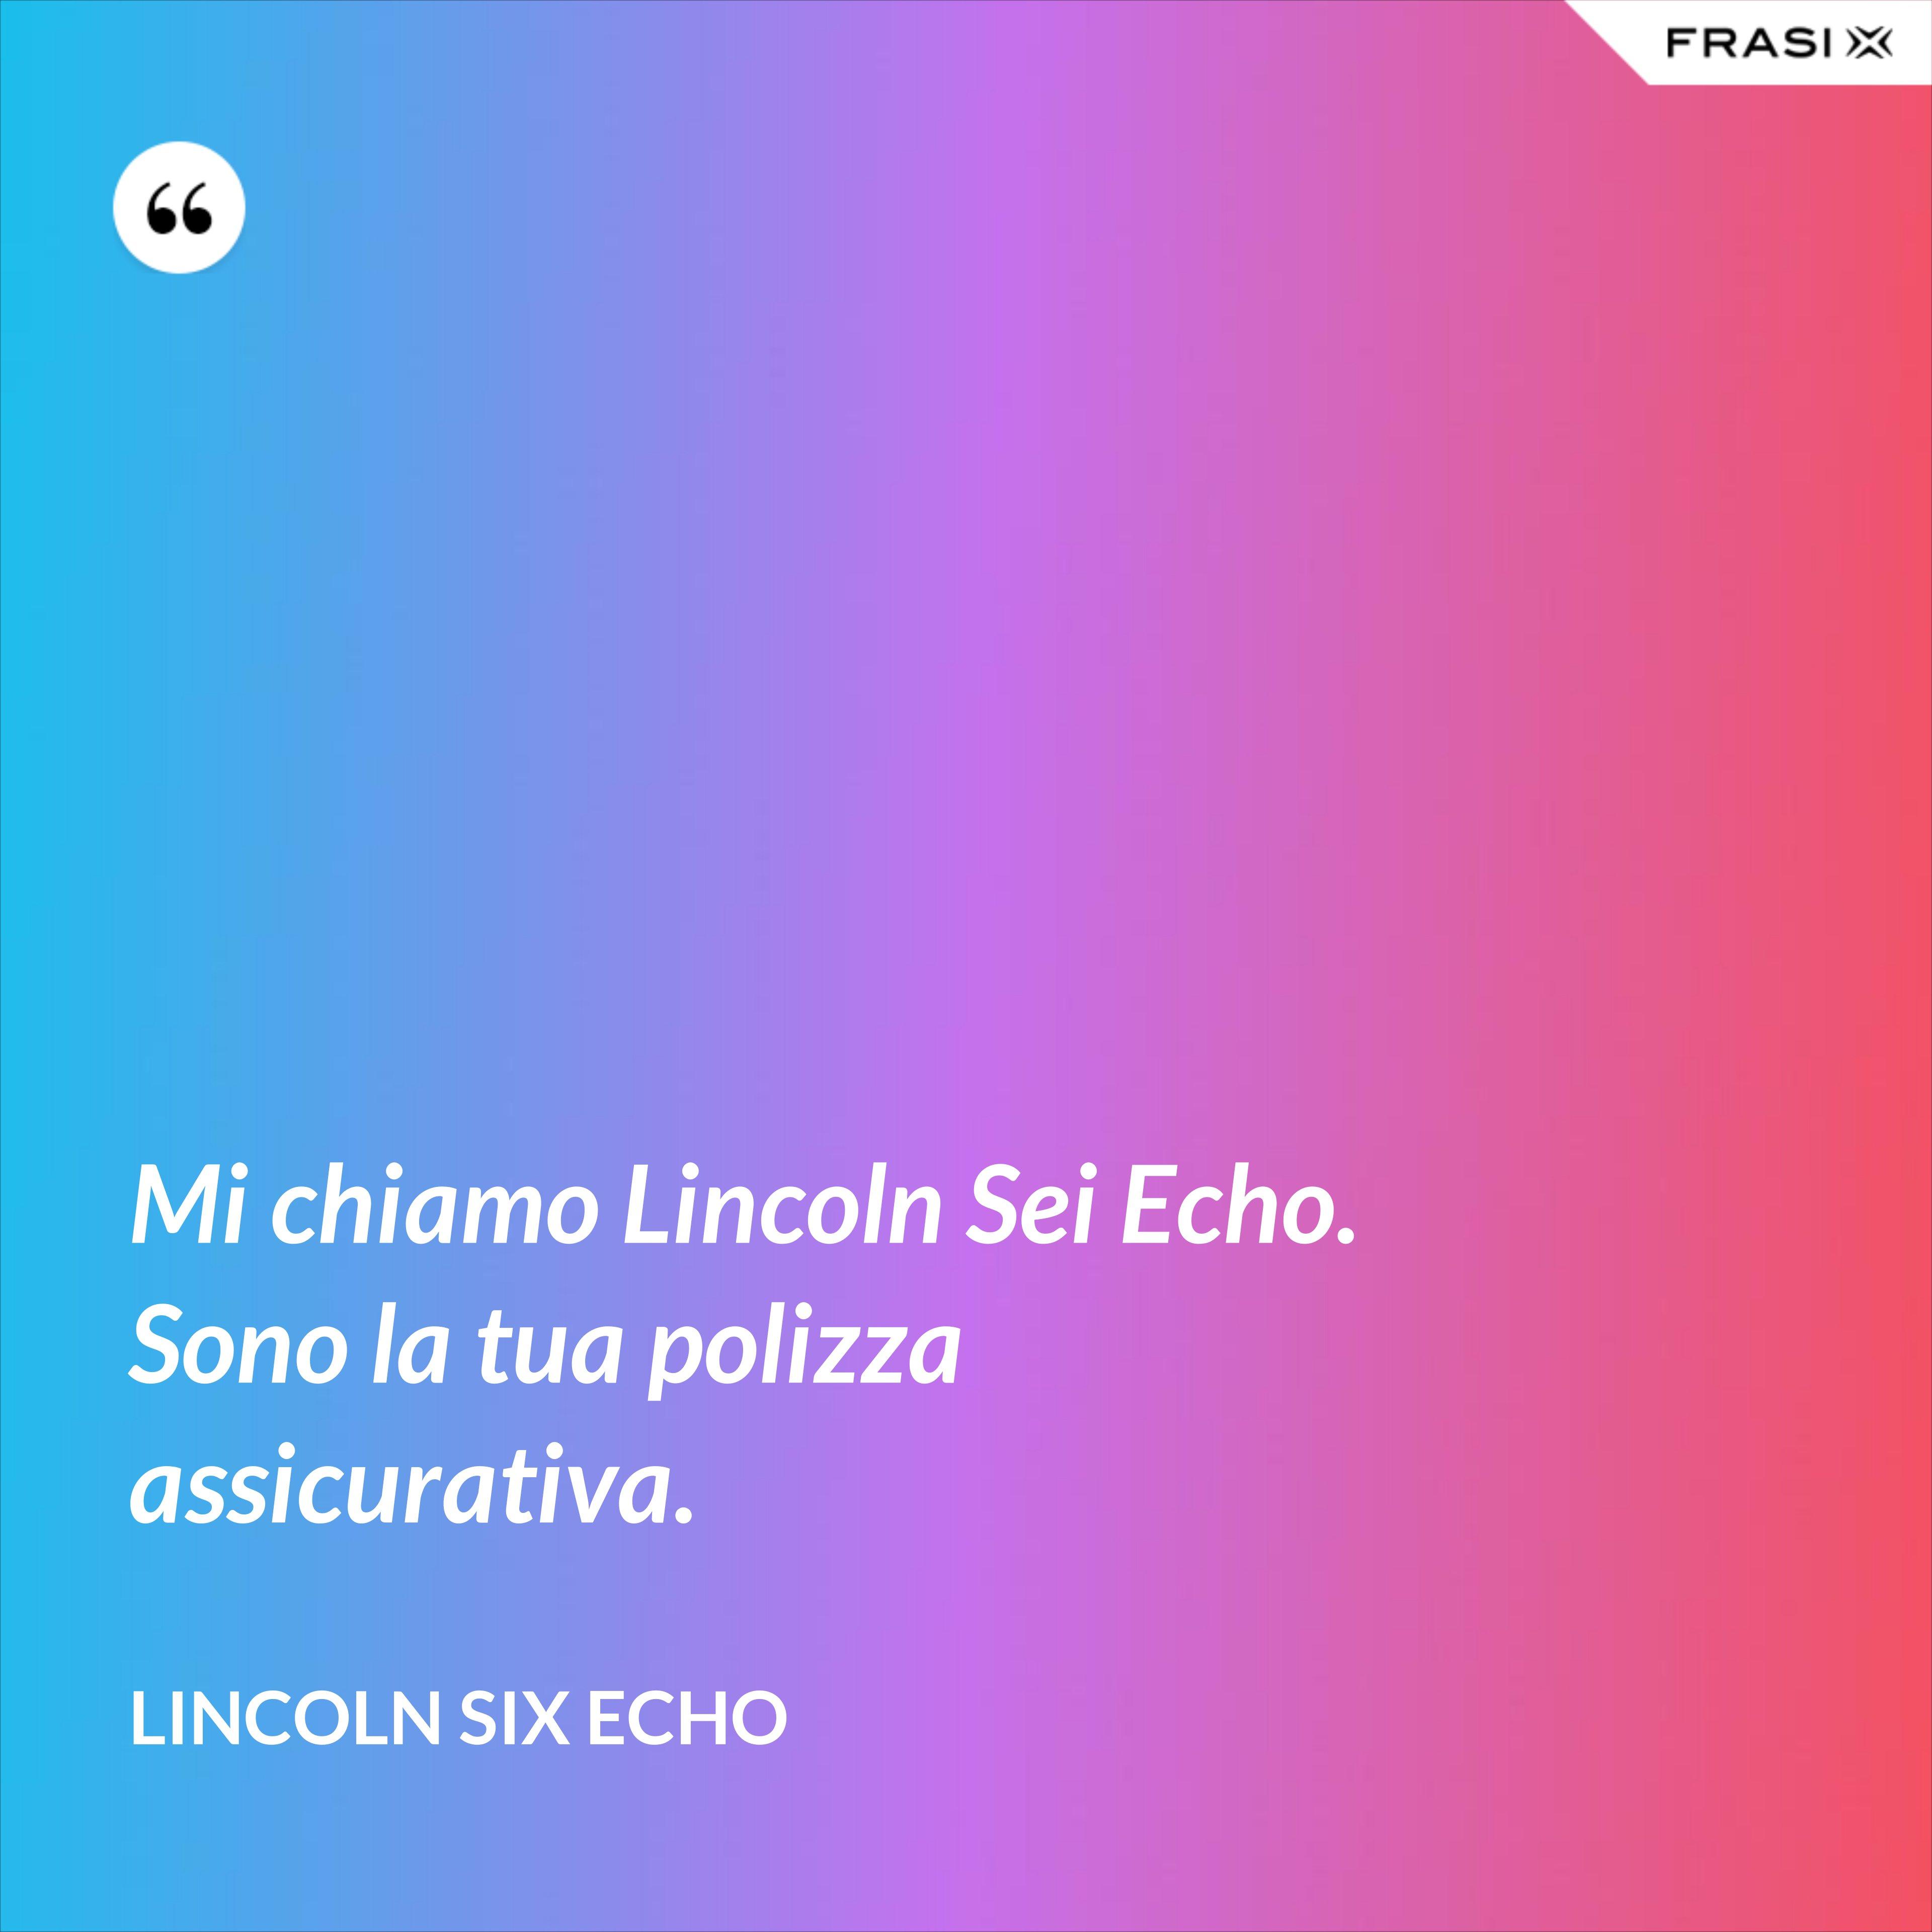 Mi chiamo Lincoln Sei Echo. Sono la tua polizza assicurativa. - Lincoln Six Echo